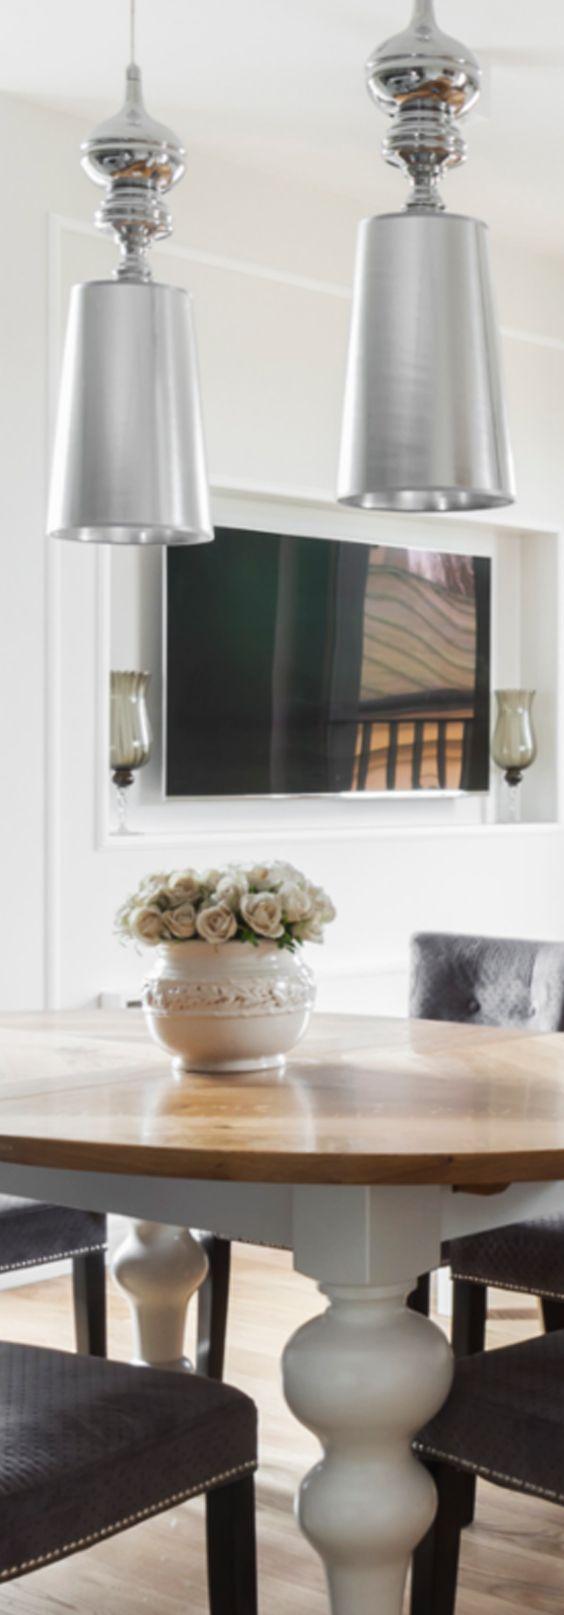 Wood & Dining Room & Natural. Made in Poland. Manufaktura Stolarska 2017.  Pragniemy przedstawić państwu nasze kolejne projekty. Tym razem styl eklektyczny. W centrum stół, najważniejsze miejsce w domu, które łączy ze sobą ludzi! Oryginalne i nietypowe rozwiązania dla mebli do jadalni! Nowoczesny wystrój wnętrz ocieplają drewniane meble. #design #wood #furniture #diningroom #flat #natural #home #table #dining #drewno #stolarz #stół #kuchnia #jadalnia #stolik